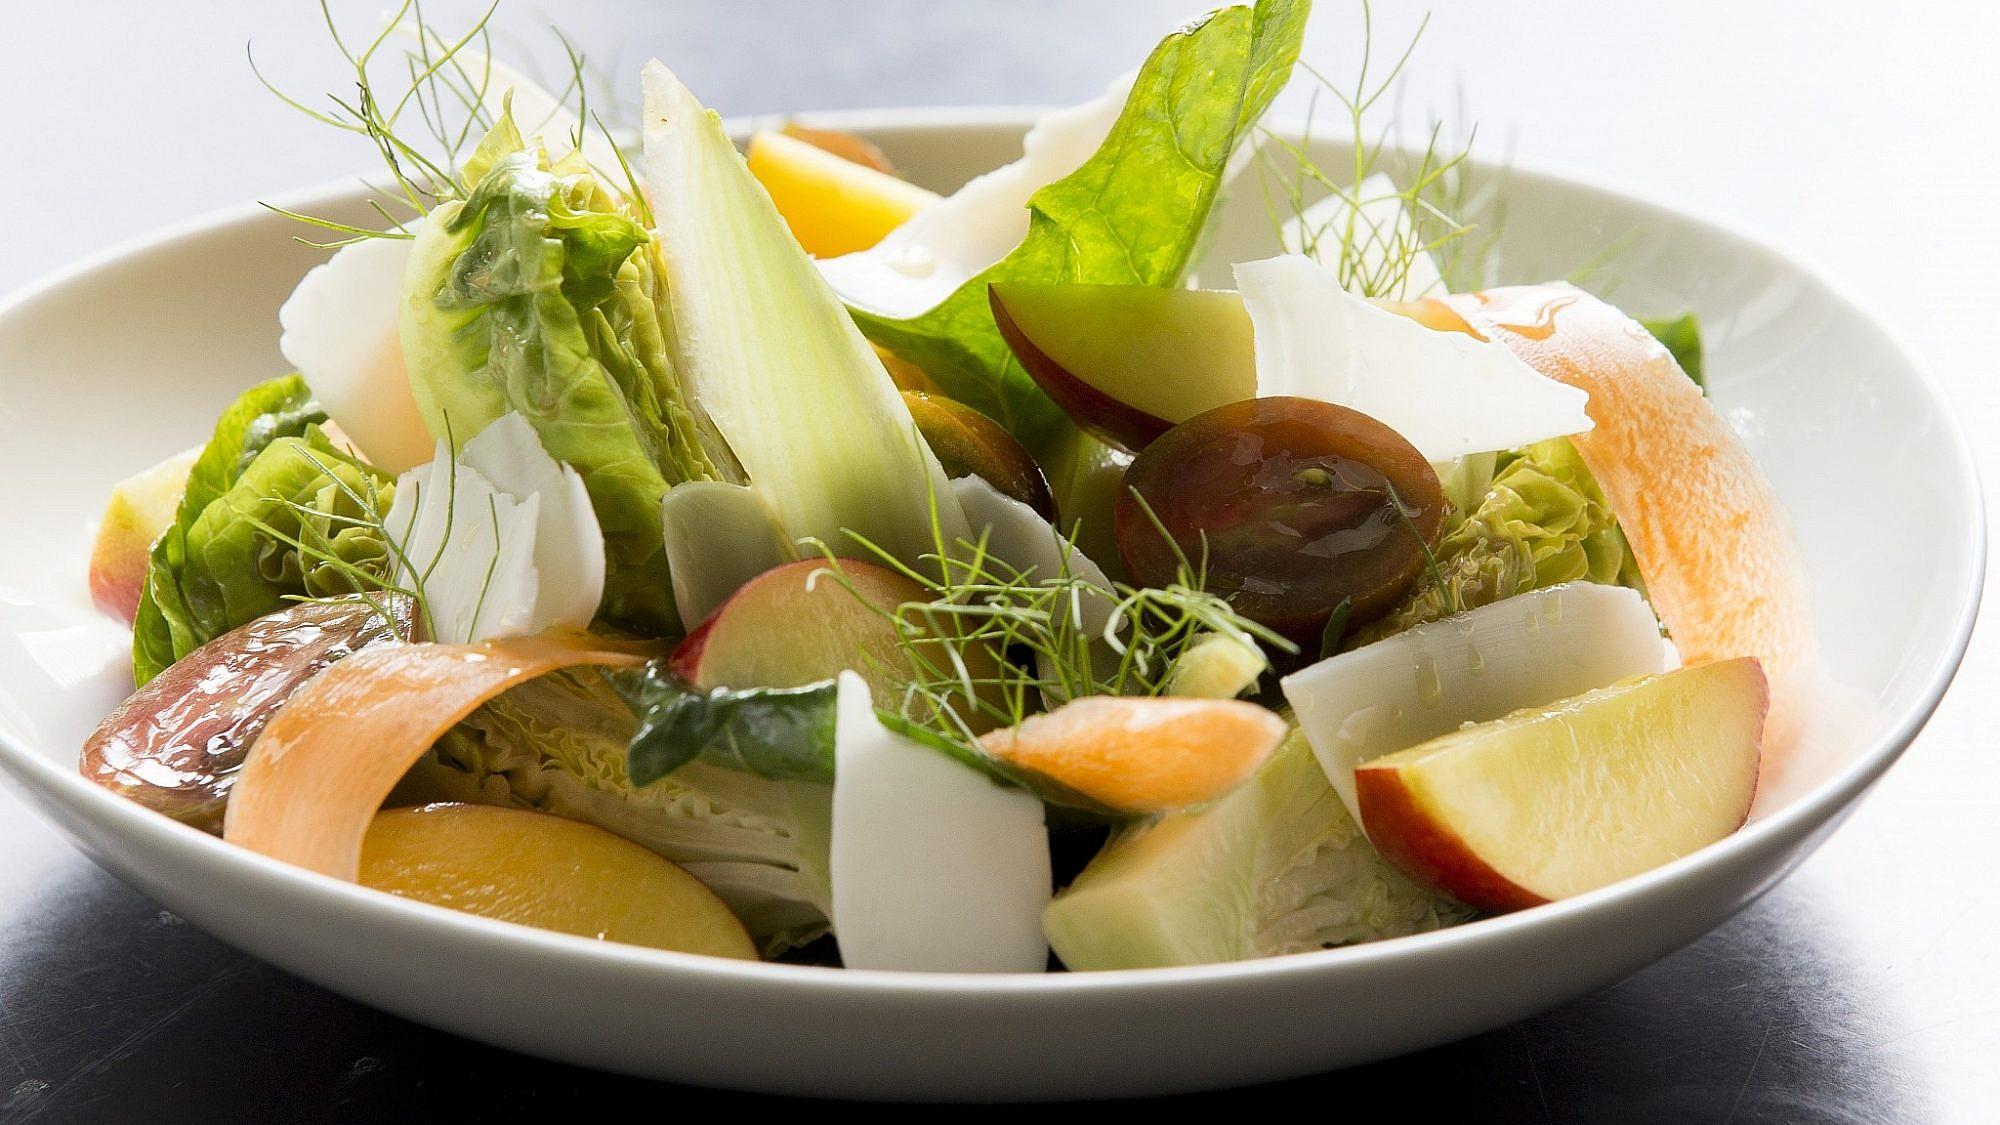 סלט ירוקים ונקטרינות של שף גיא גמזו. צילום: רמי זרנגר